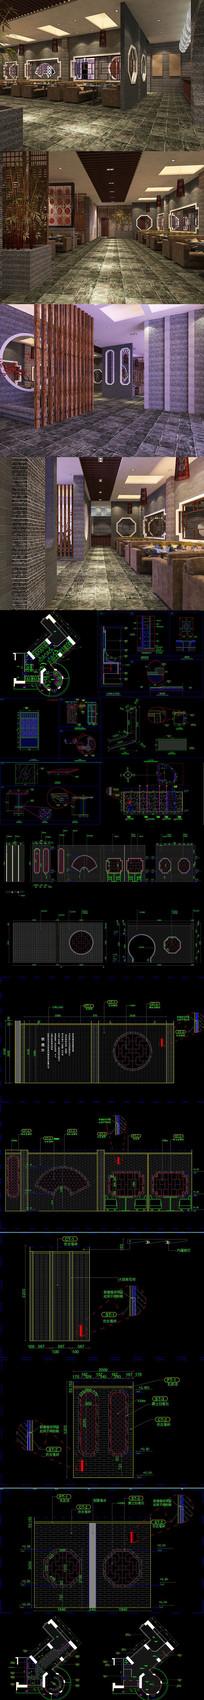 粥膳坊CAD施工图 效果图